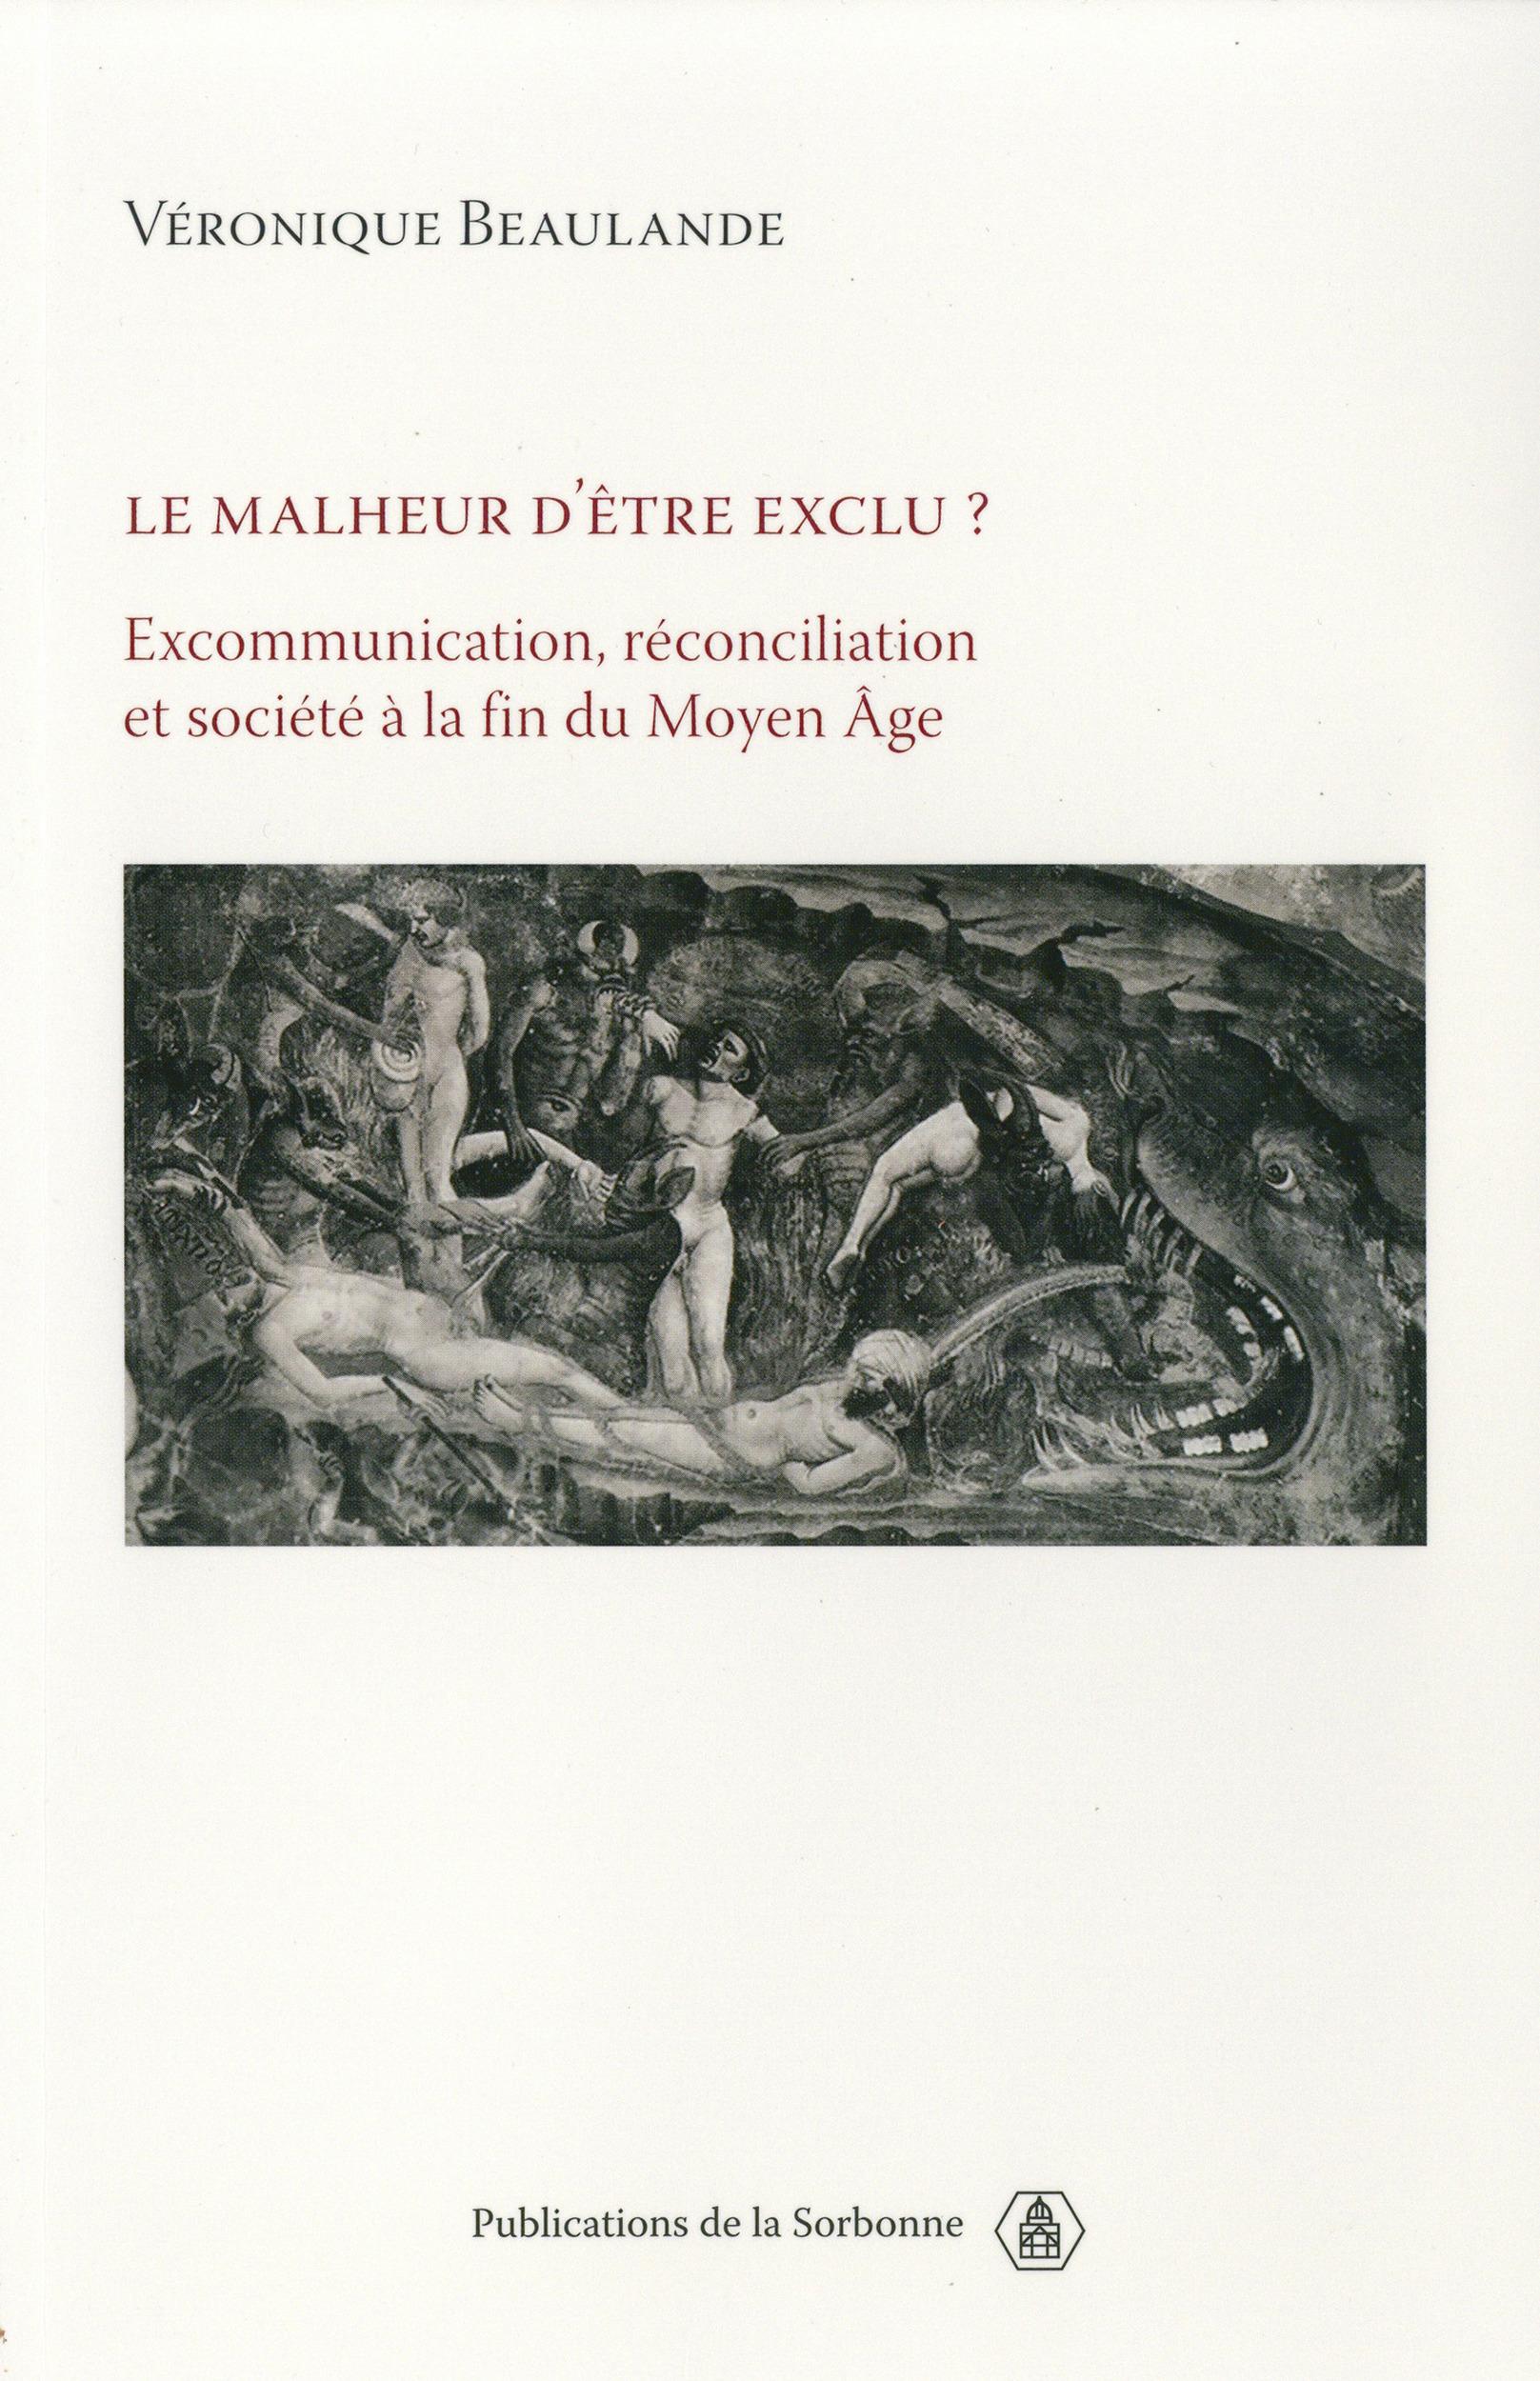 Le malheur d'être exclu? excommunication réconciliation et société à la fin du moyen âge